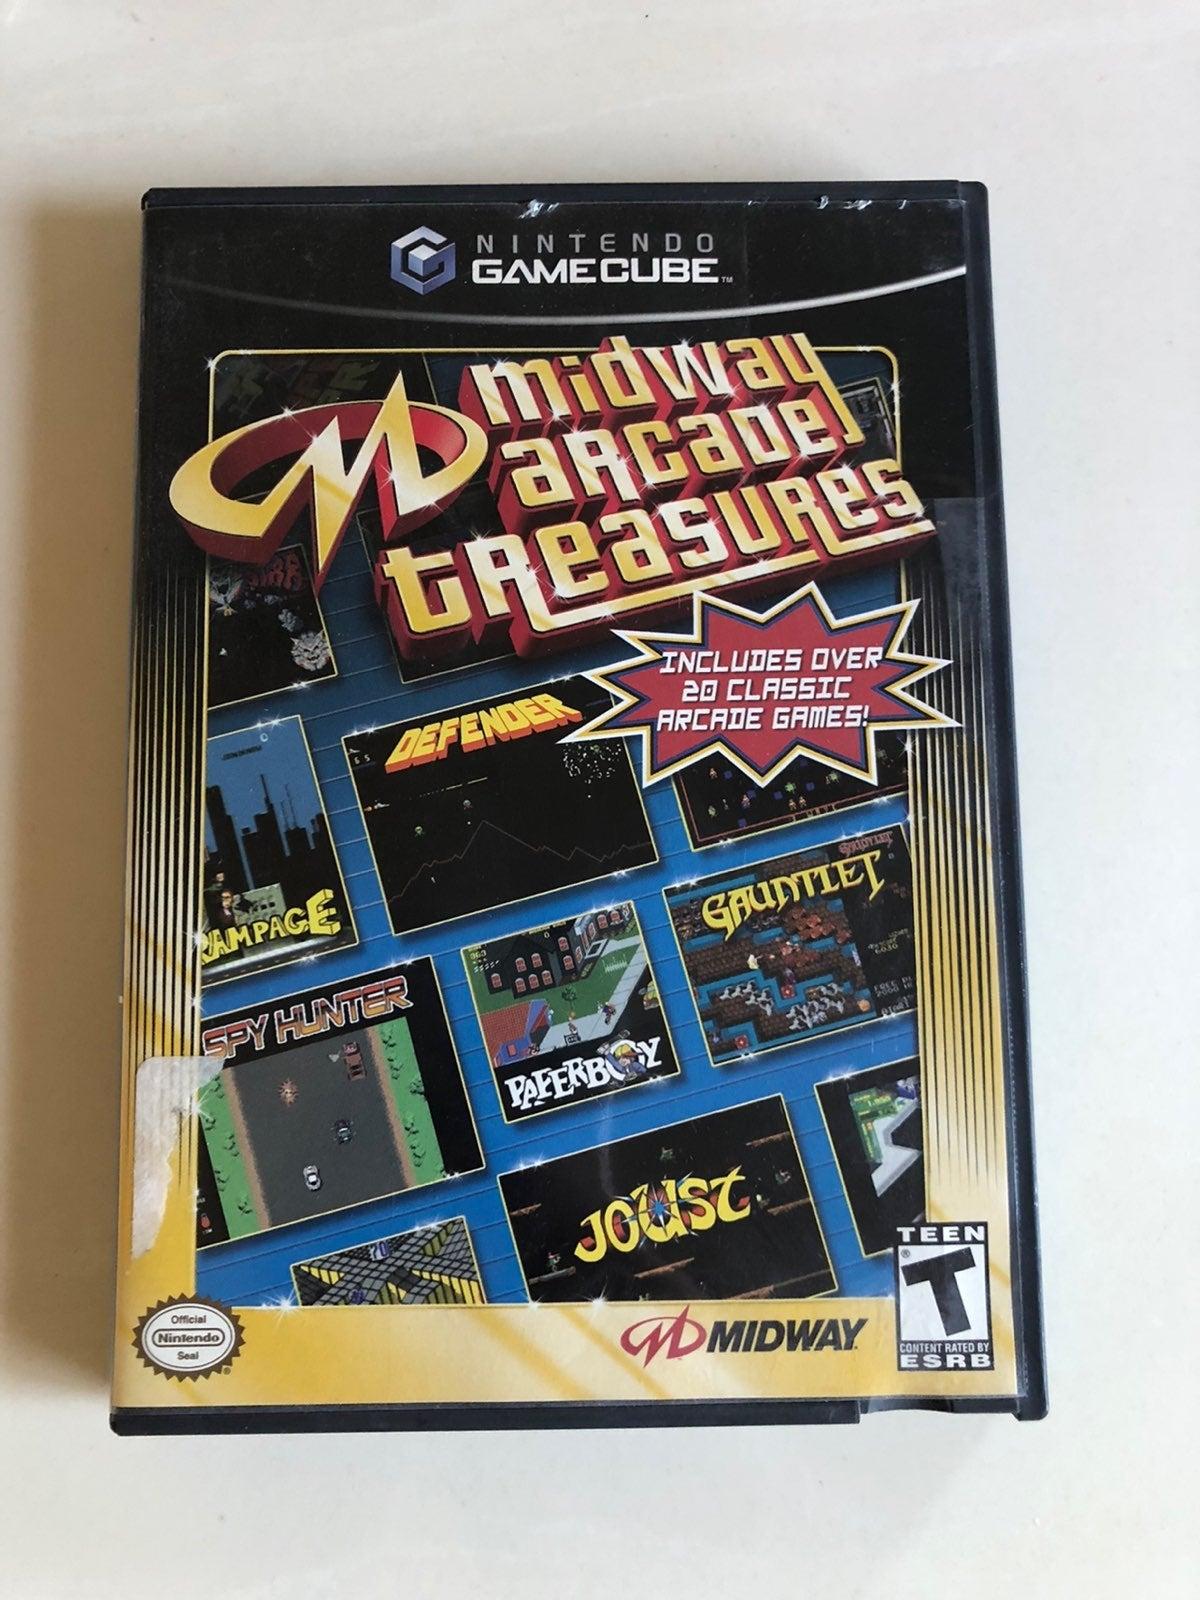 Midway Arcade Treasures Gamecube